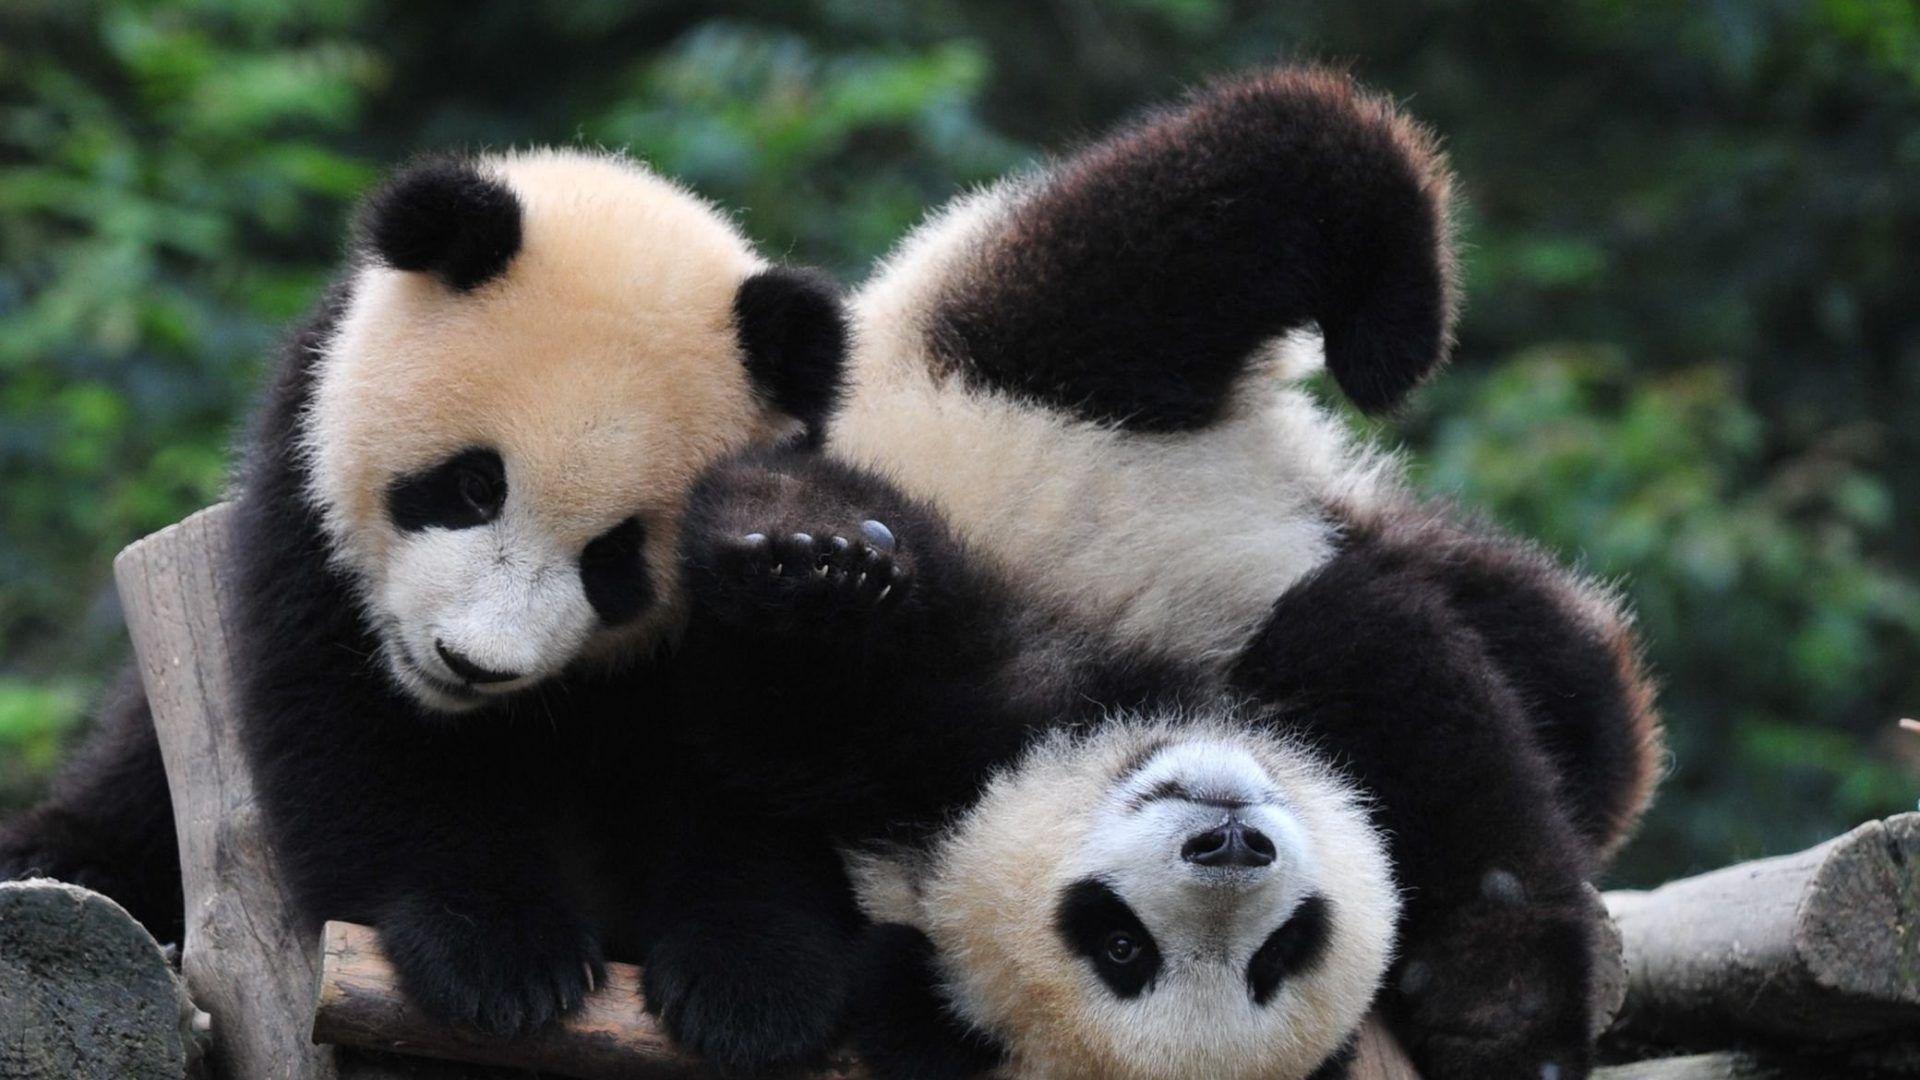 Baby Bear Panda